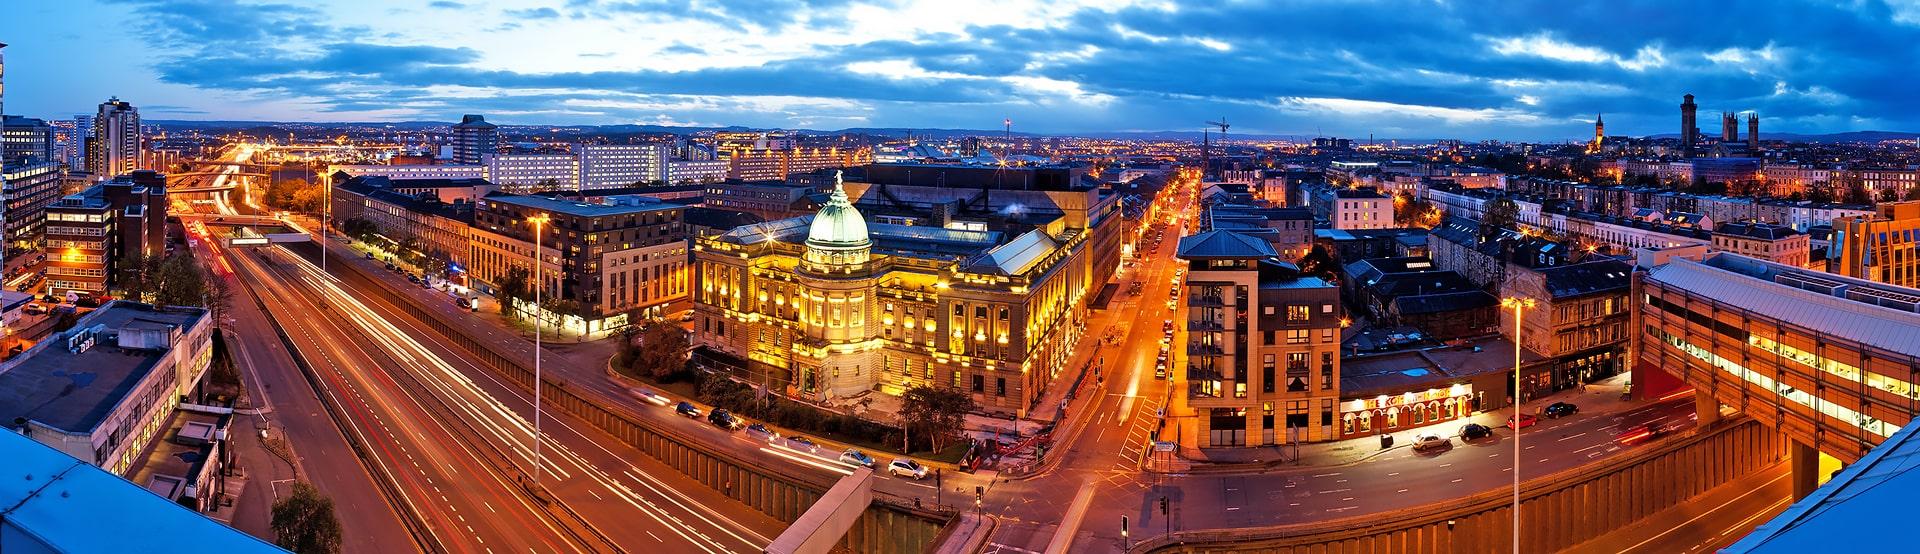 Escuela de inglés en Glasgow | Glasgow School of English